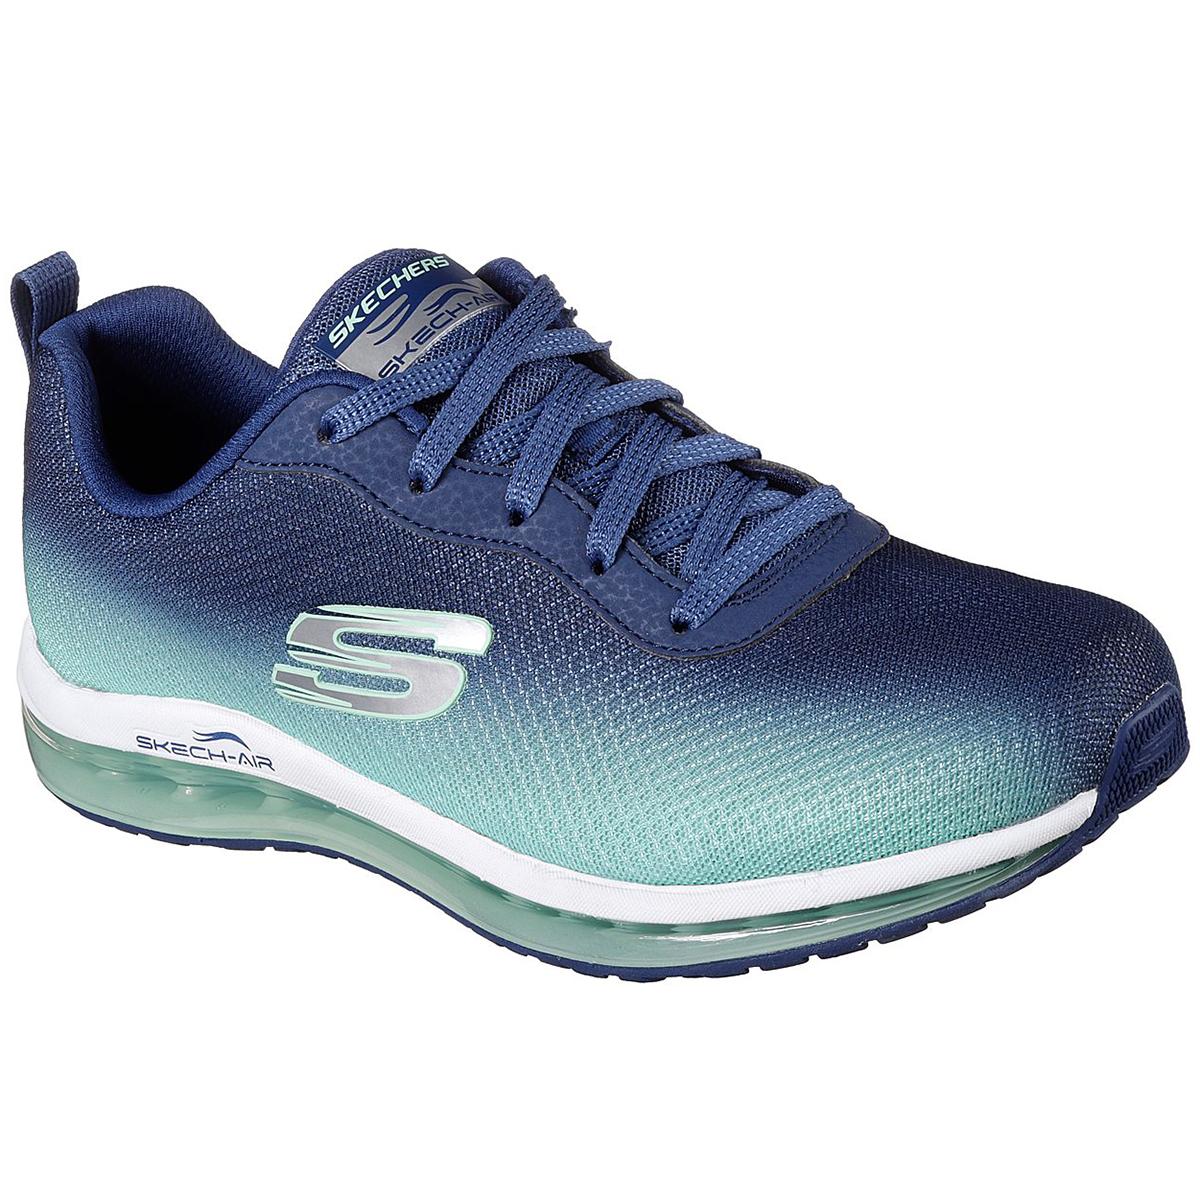 Skechers Women's Skech Air Element Sneakers - Blue, 11